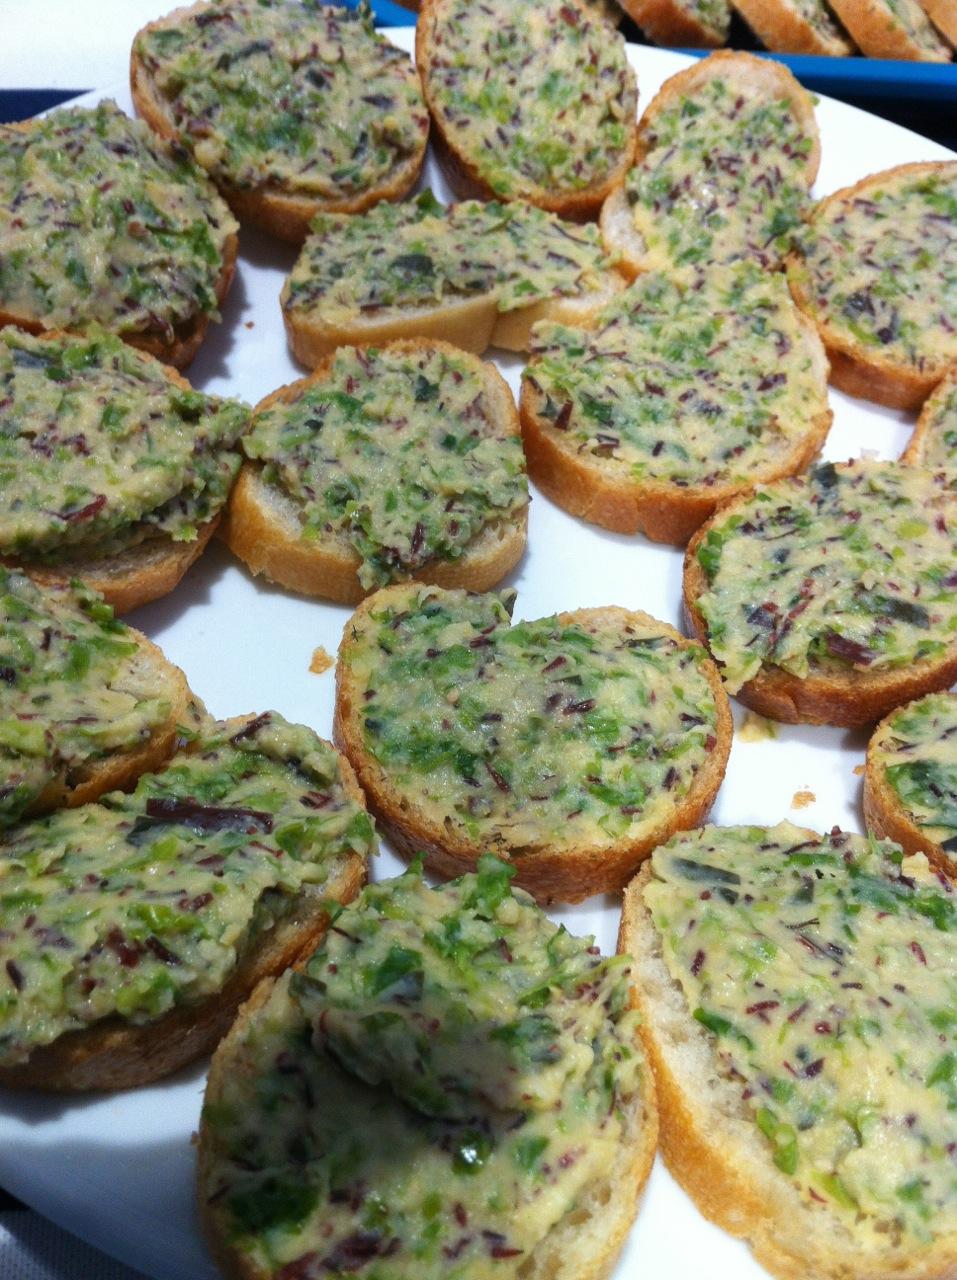 La recette : houmous aux algues